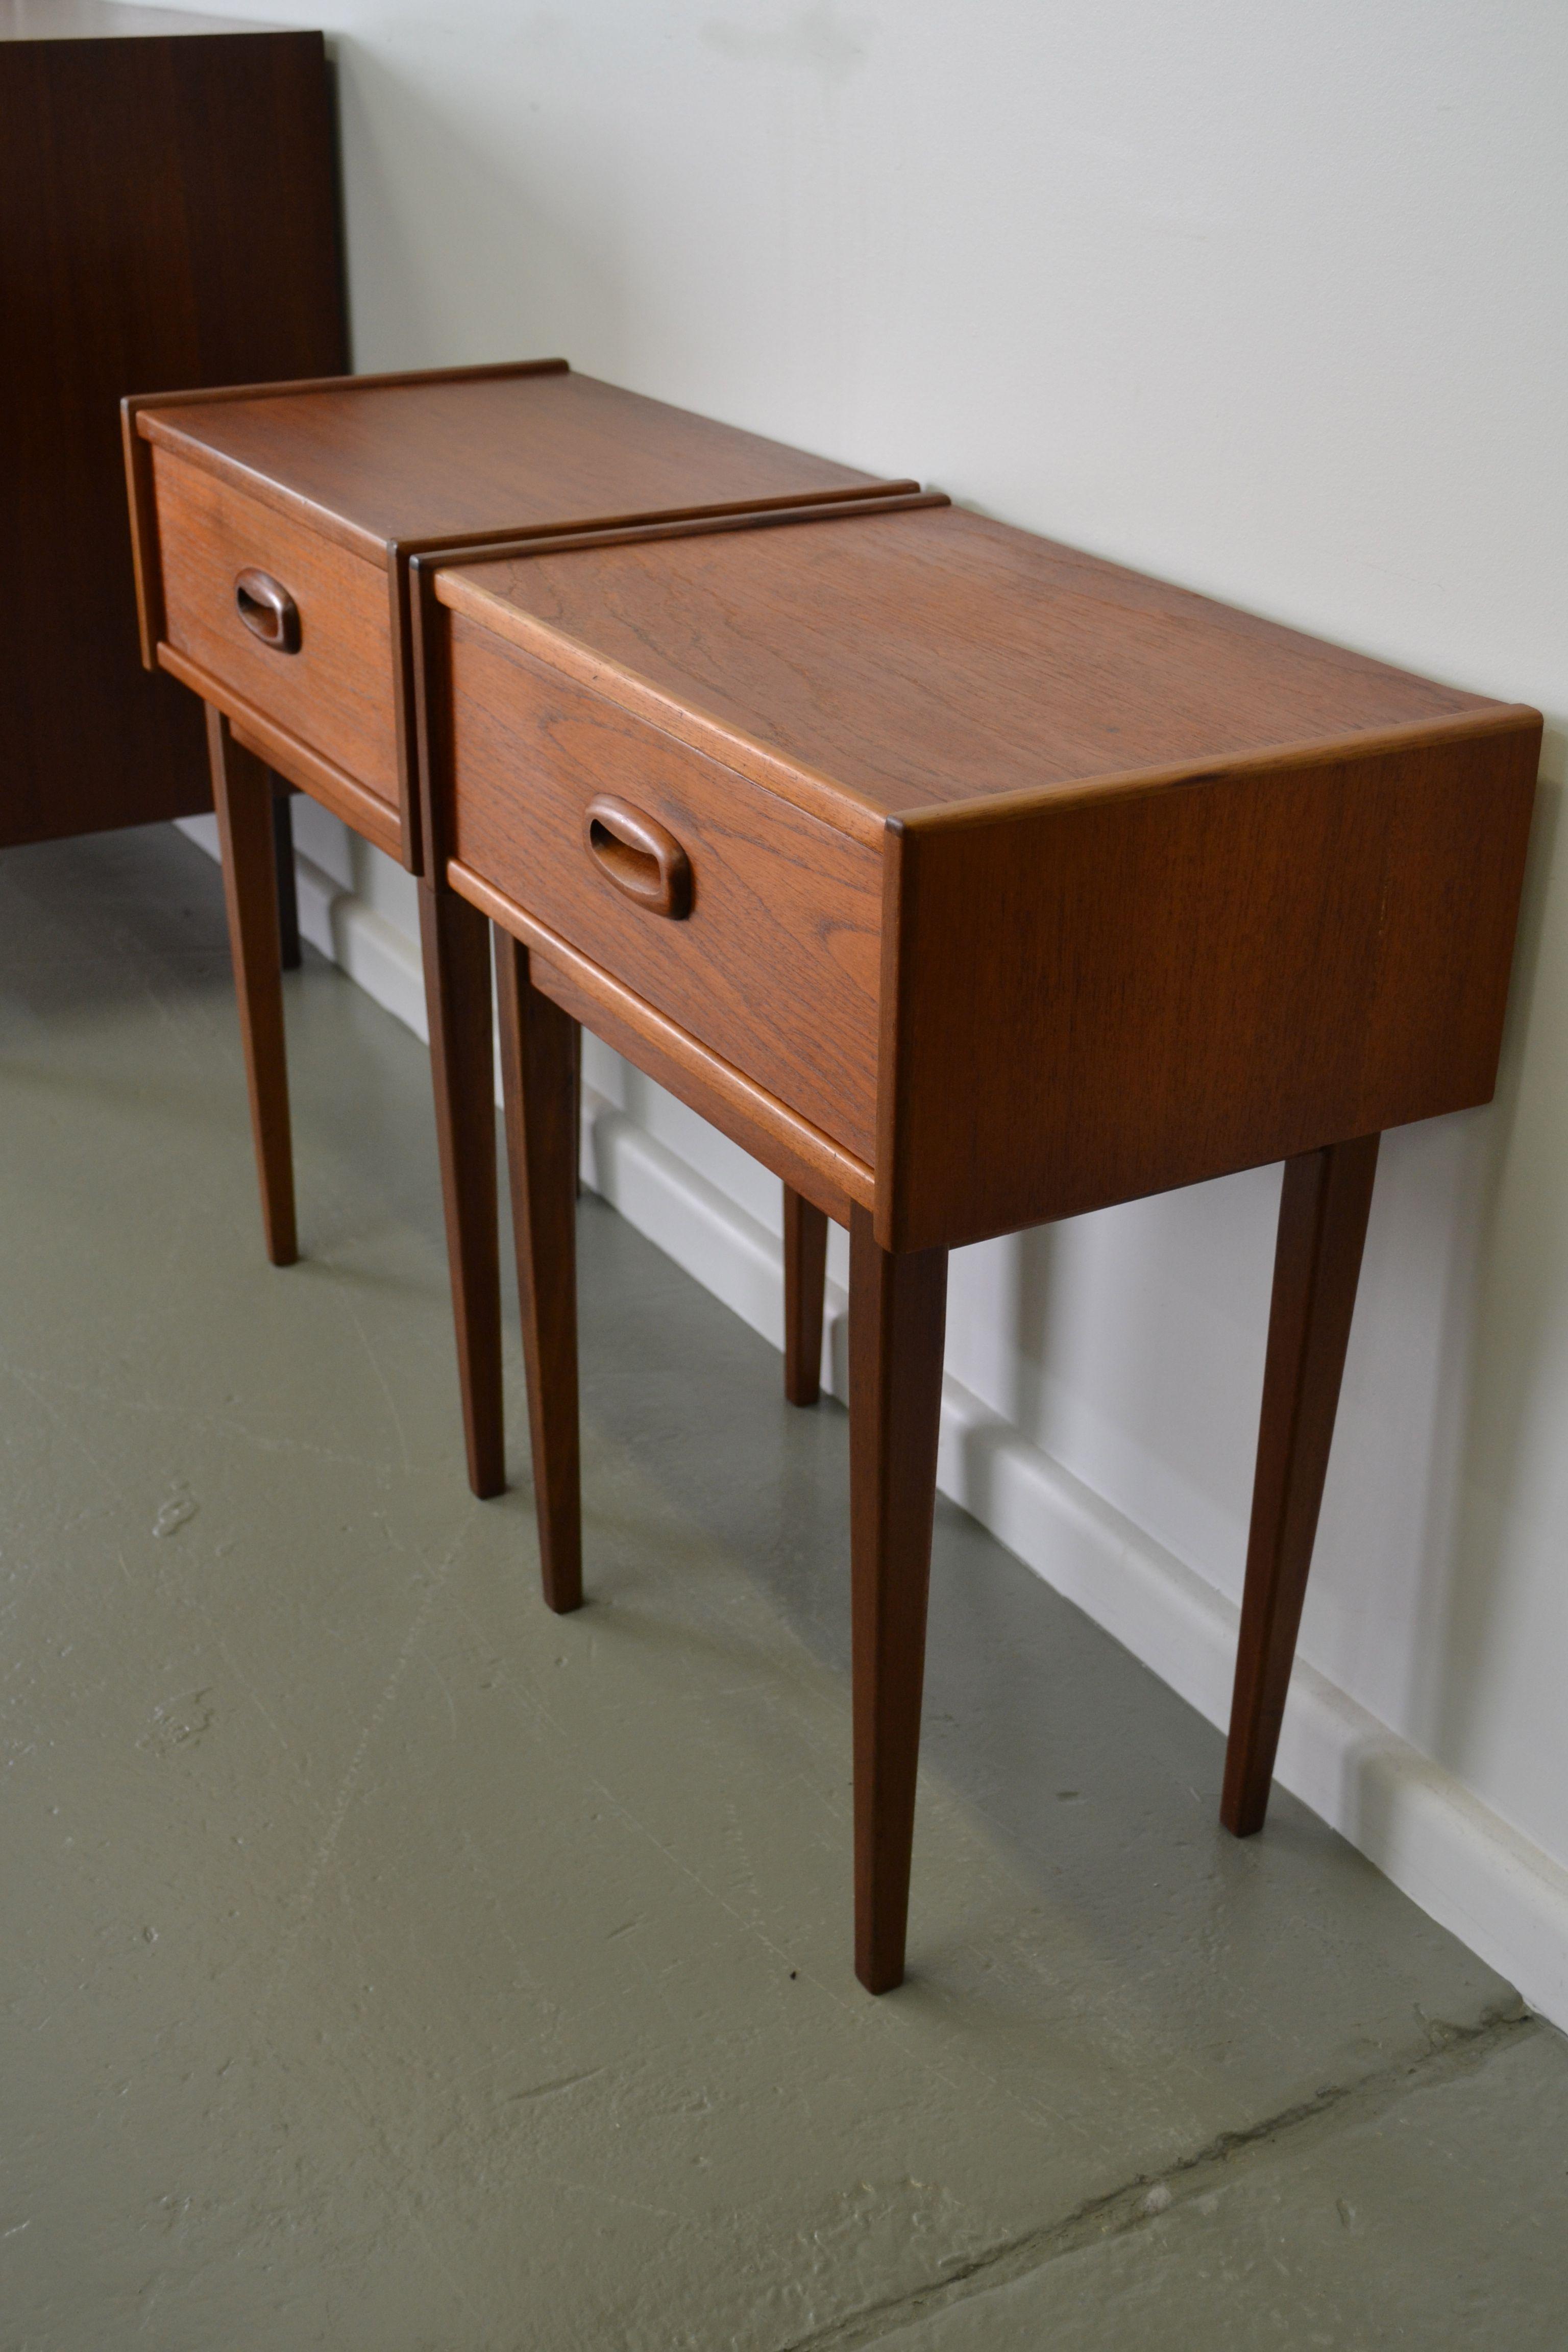 Australian Parker teak 60 s bedside tables refurbished by